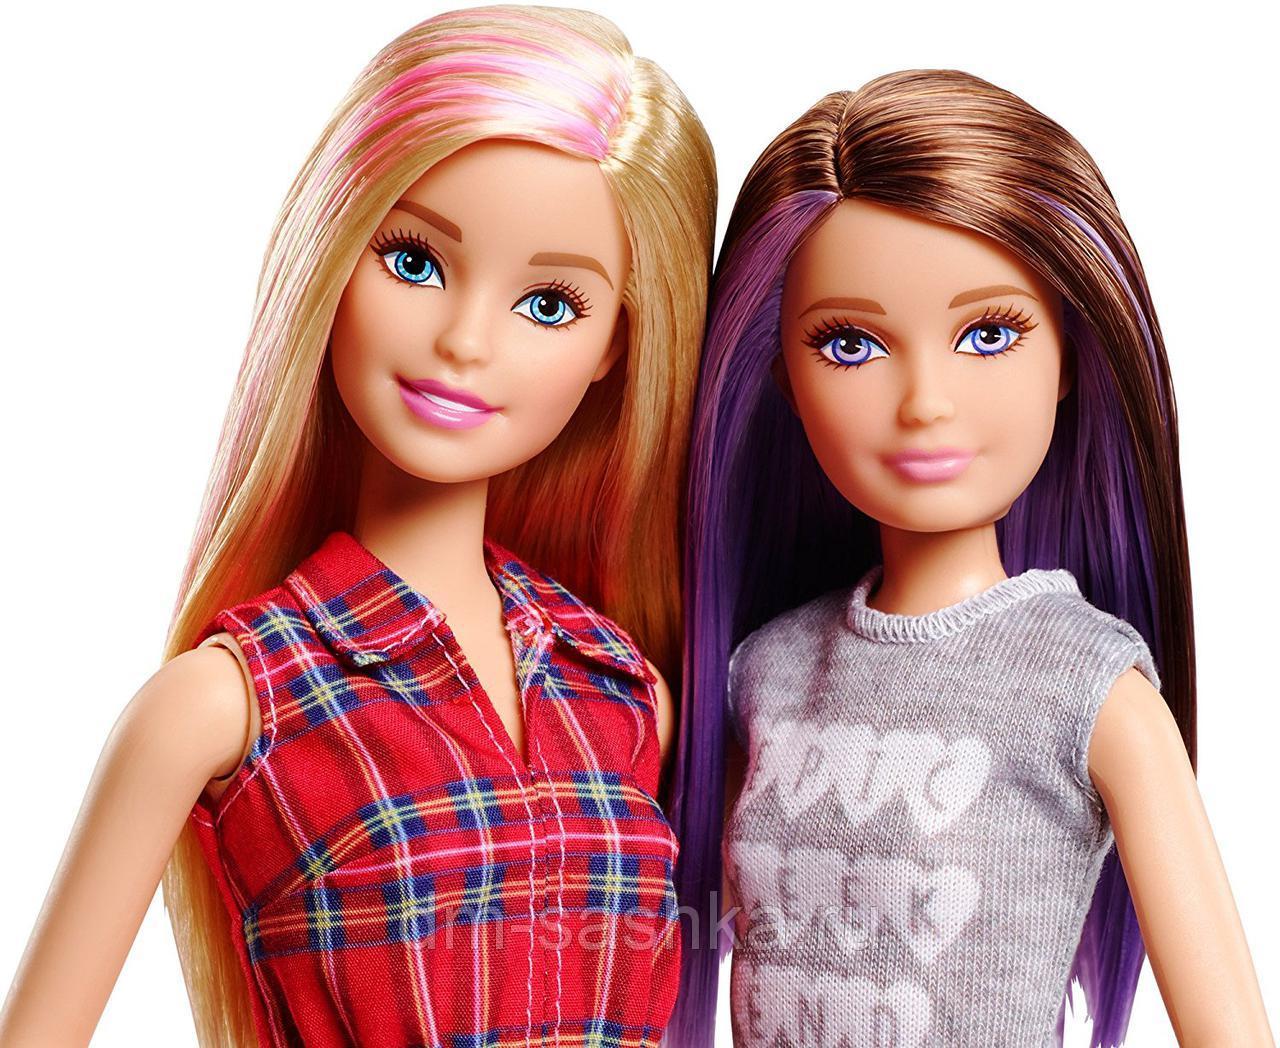 картинки с куклами друзья